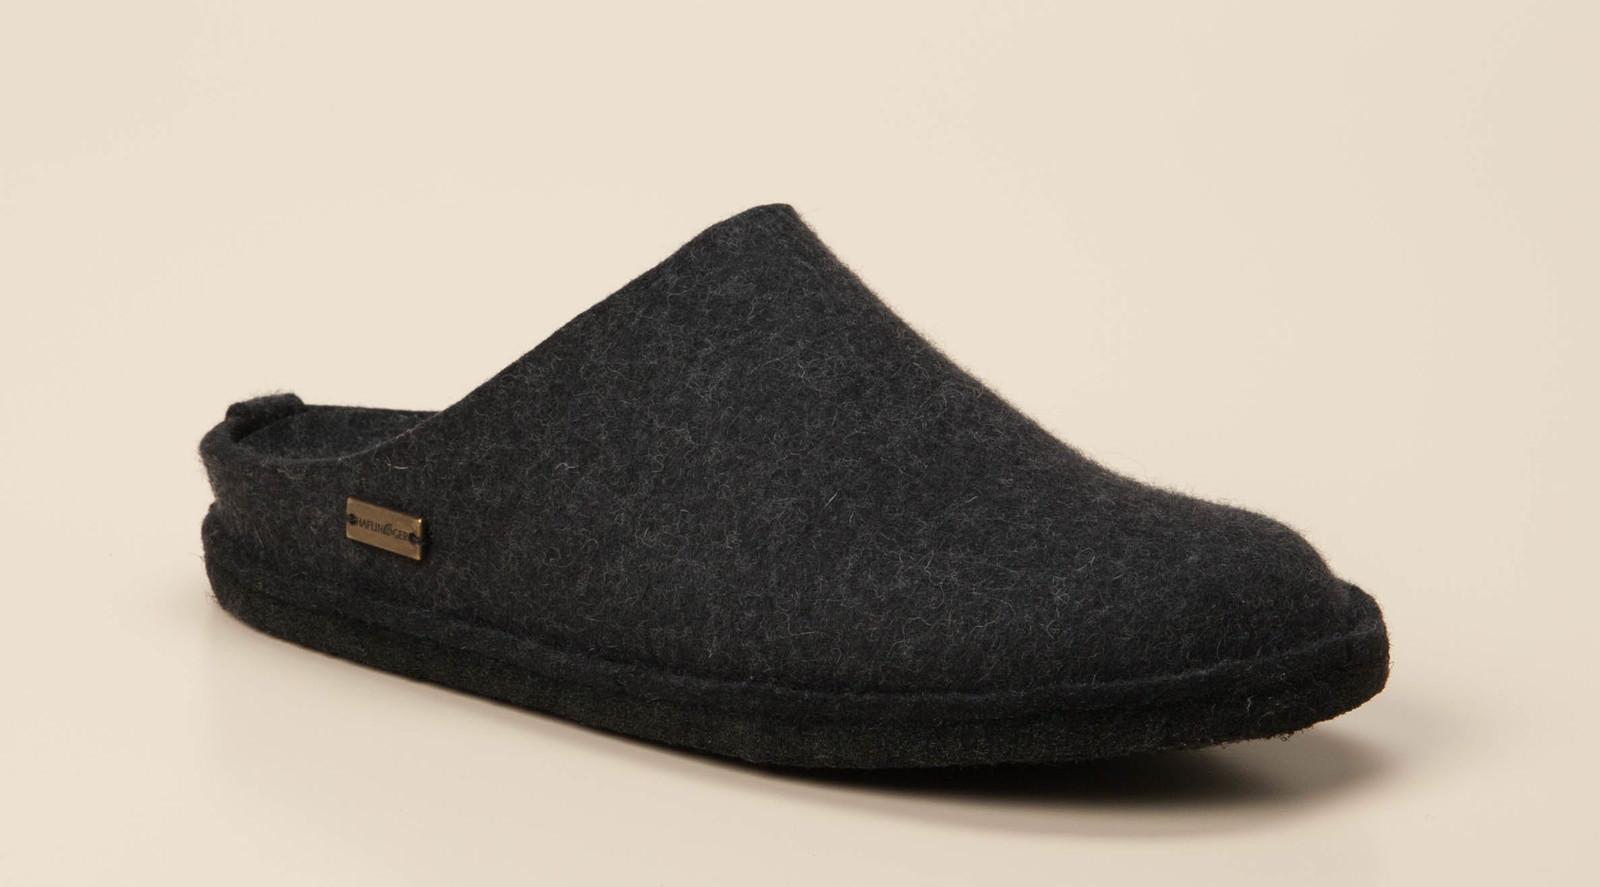 Haflinger Herren Pantolette in dunkelgrau kaufen   Zumnorde Online-Shop 4f74747c3c